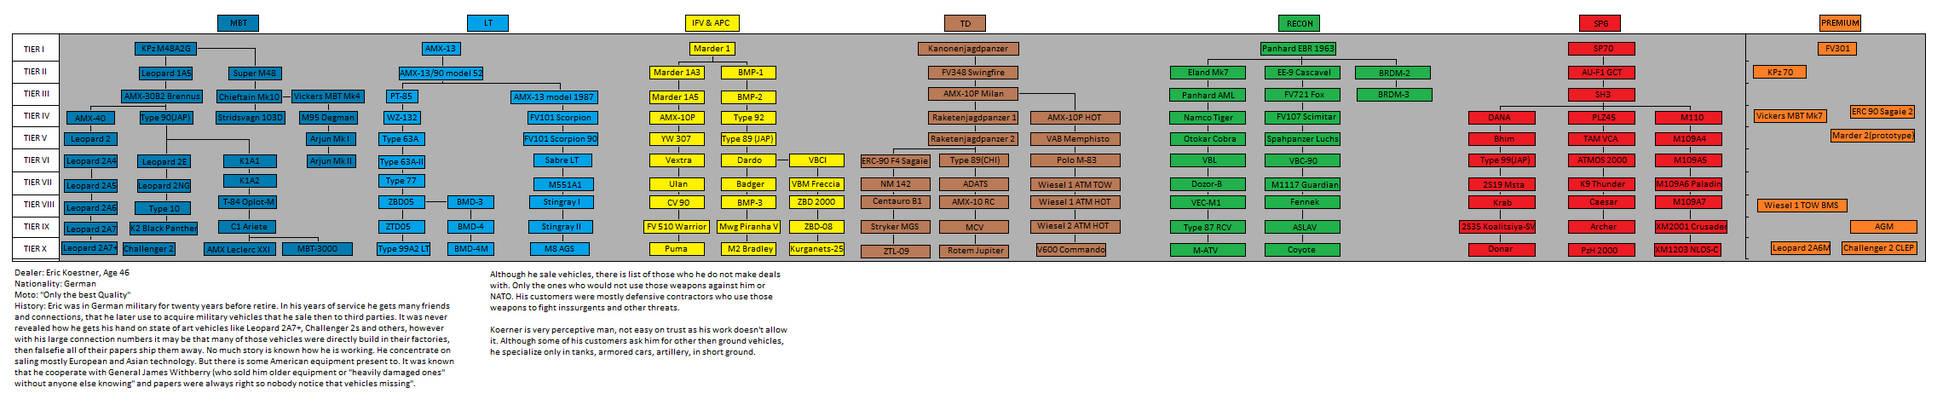 Armored Warfare (DEALER CONTEST) tree